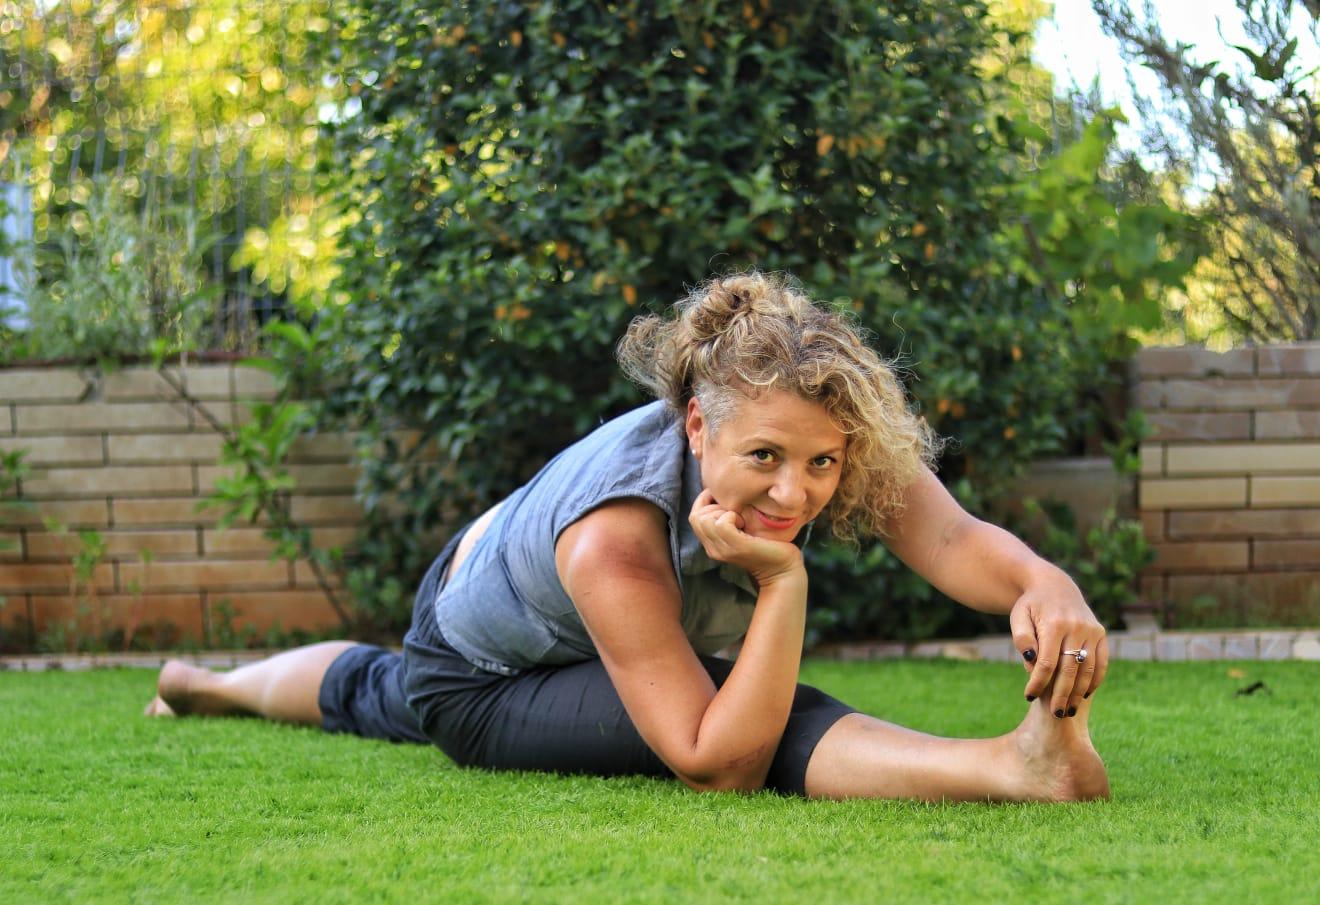 פסטיבל יוגה ישראל - יוגה נשית לקראת גיל המעבר - קארינה קזאז